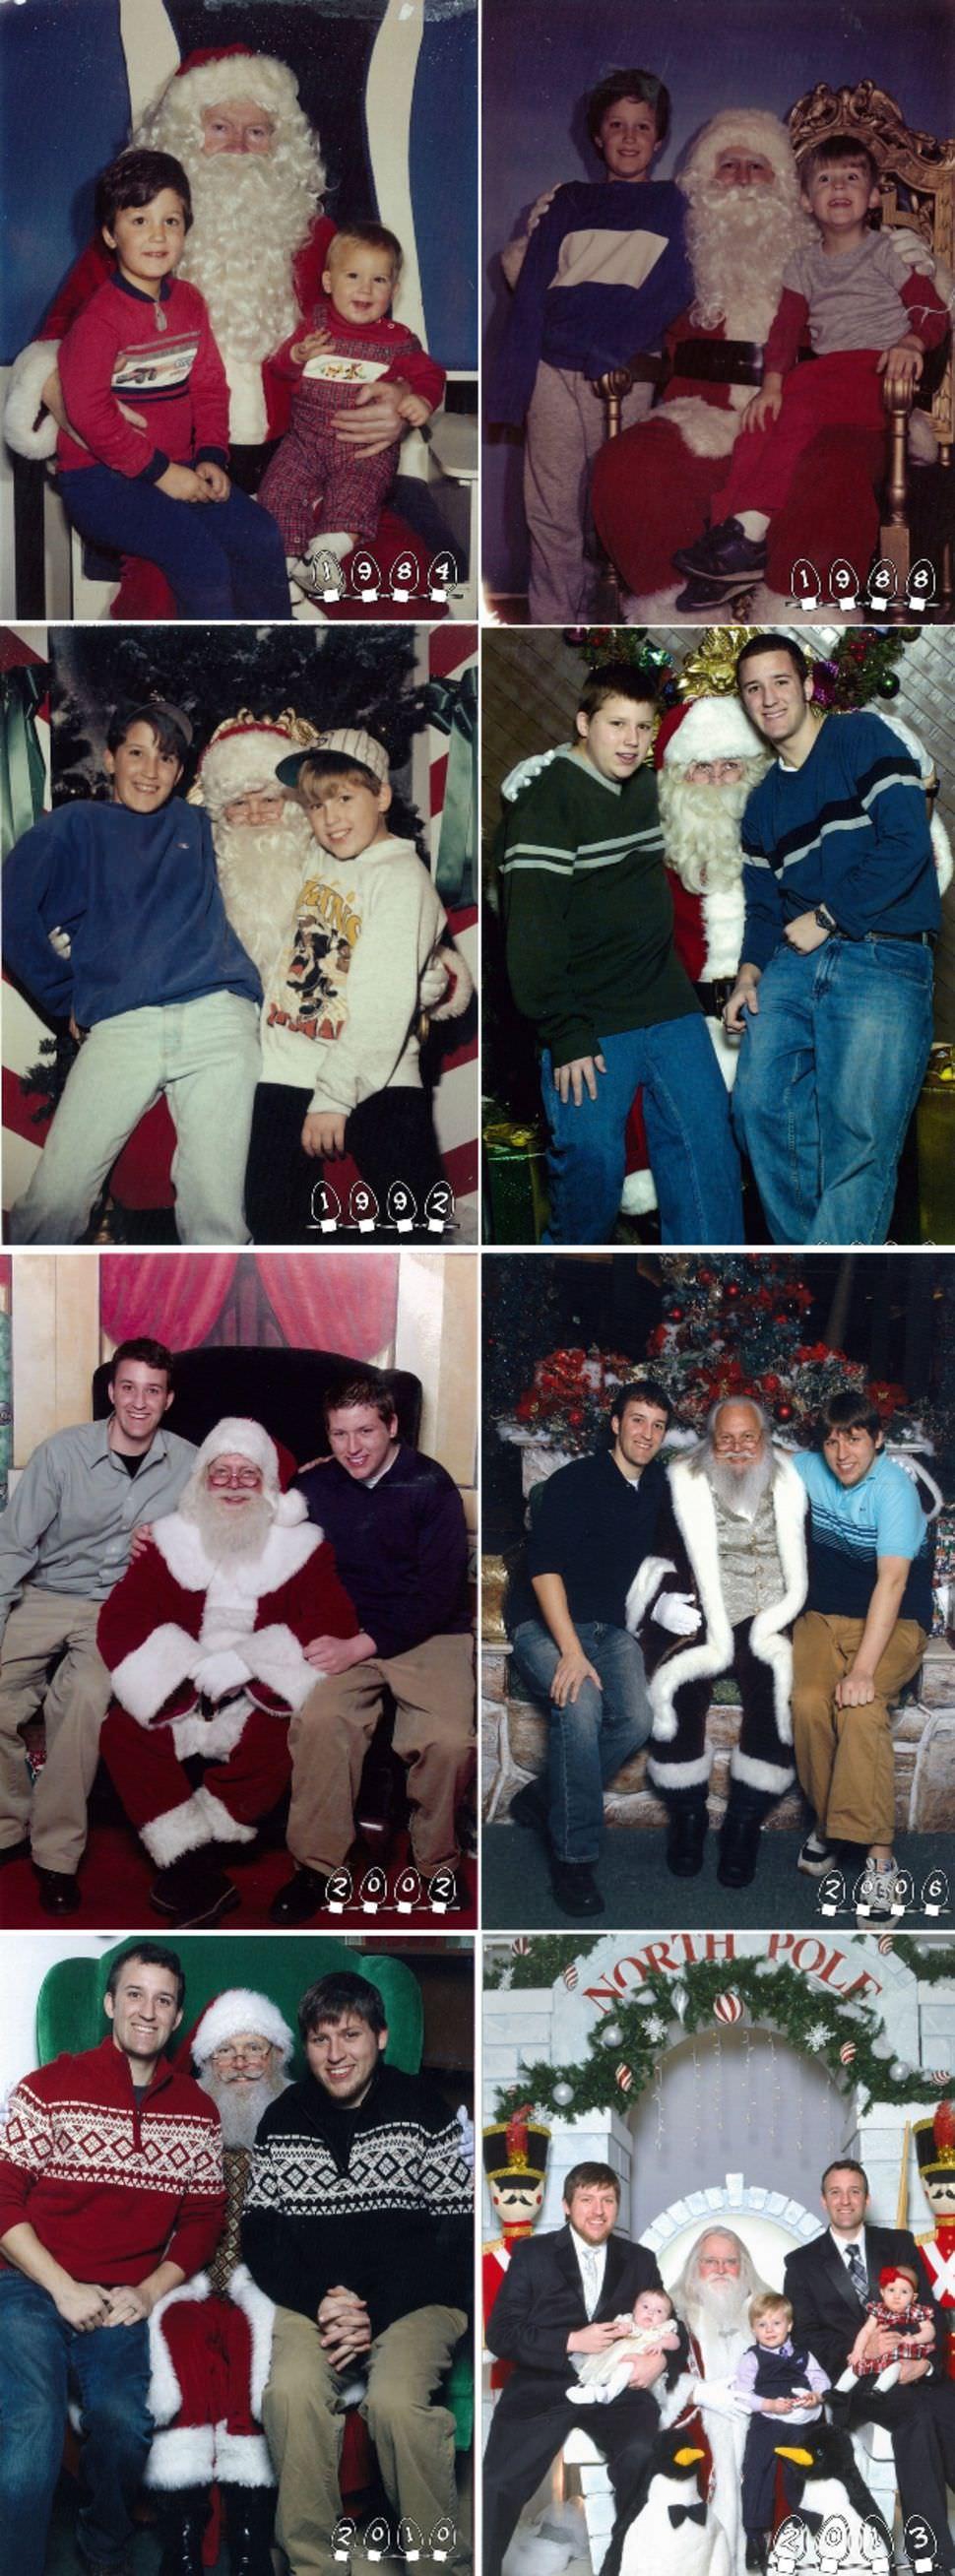 Estas personas se hicieron las mismas fotos a lo largo de los años. ¿Quieres ver cuánto han cambiado?